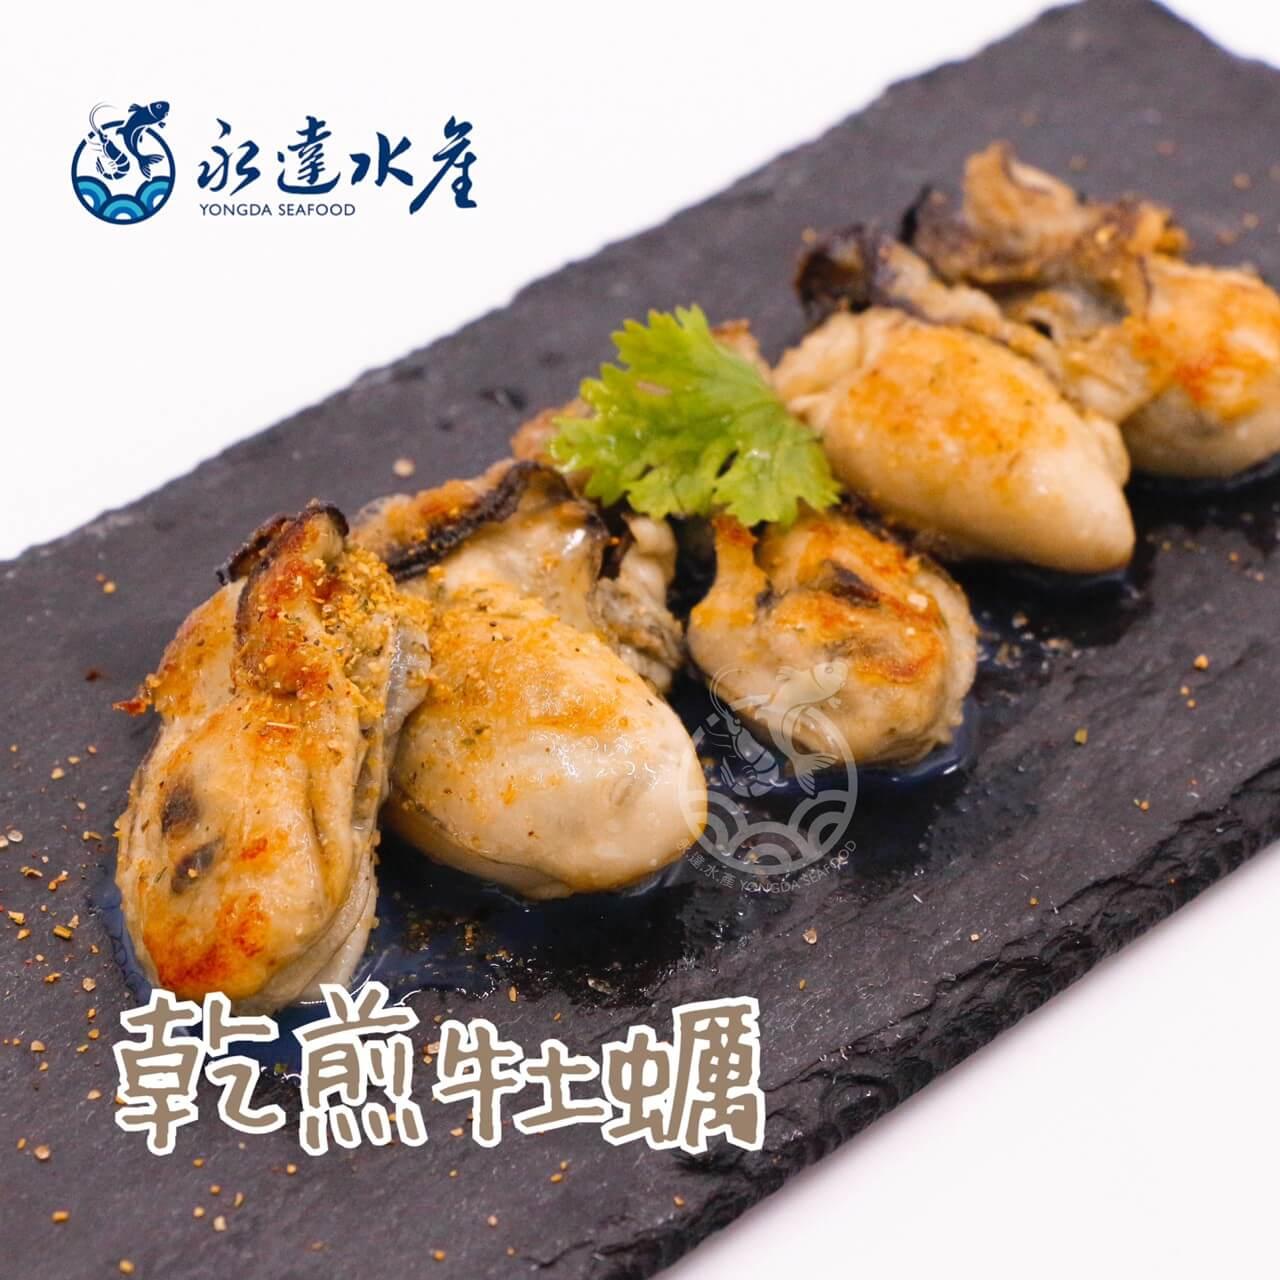 水產|海鮮|日本播磨攤牡蠣清肉|磨攤牡蠣清肉|生蠔|蠔|蚵仔|海蠣子|蠣黃|蠔白|青蚵|牡蛤|蠣蛤|硴|牡蠣肉|牡蠣